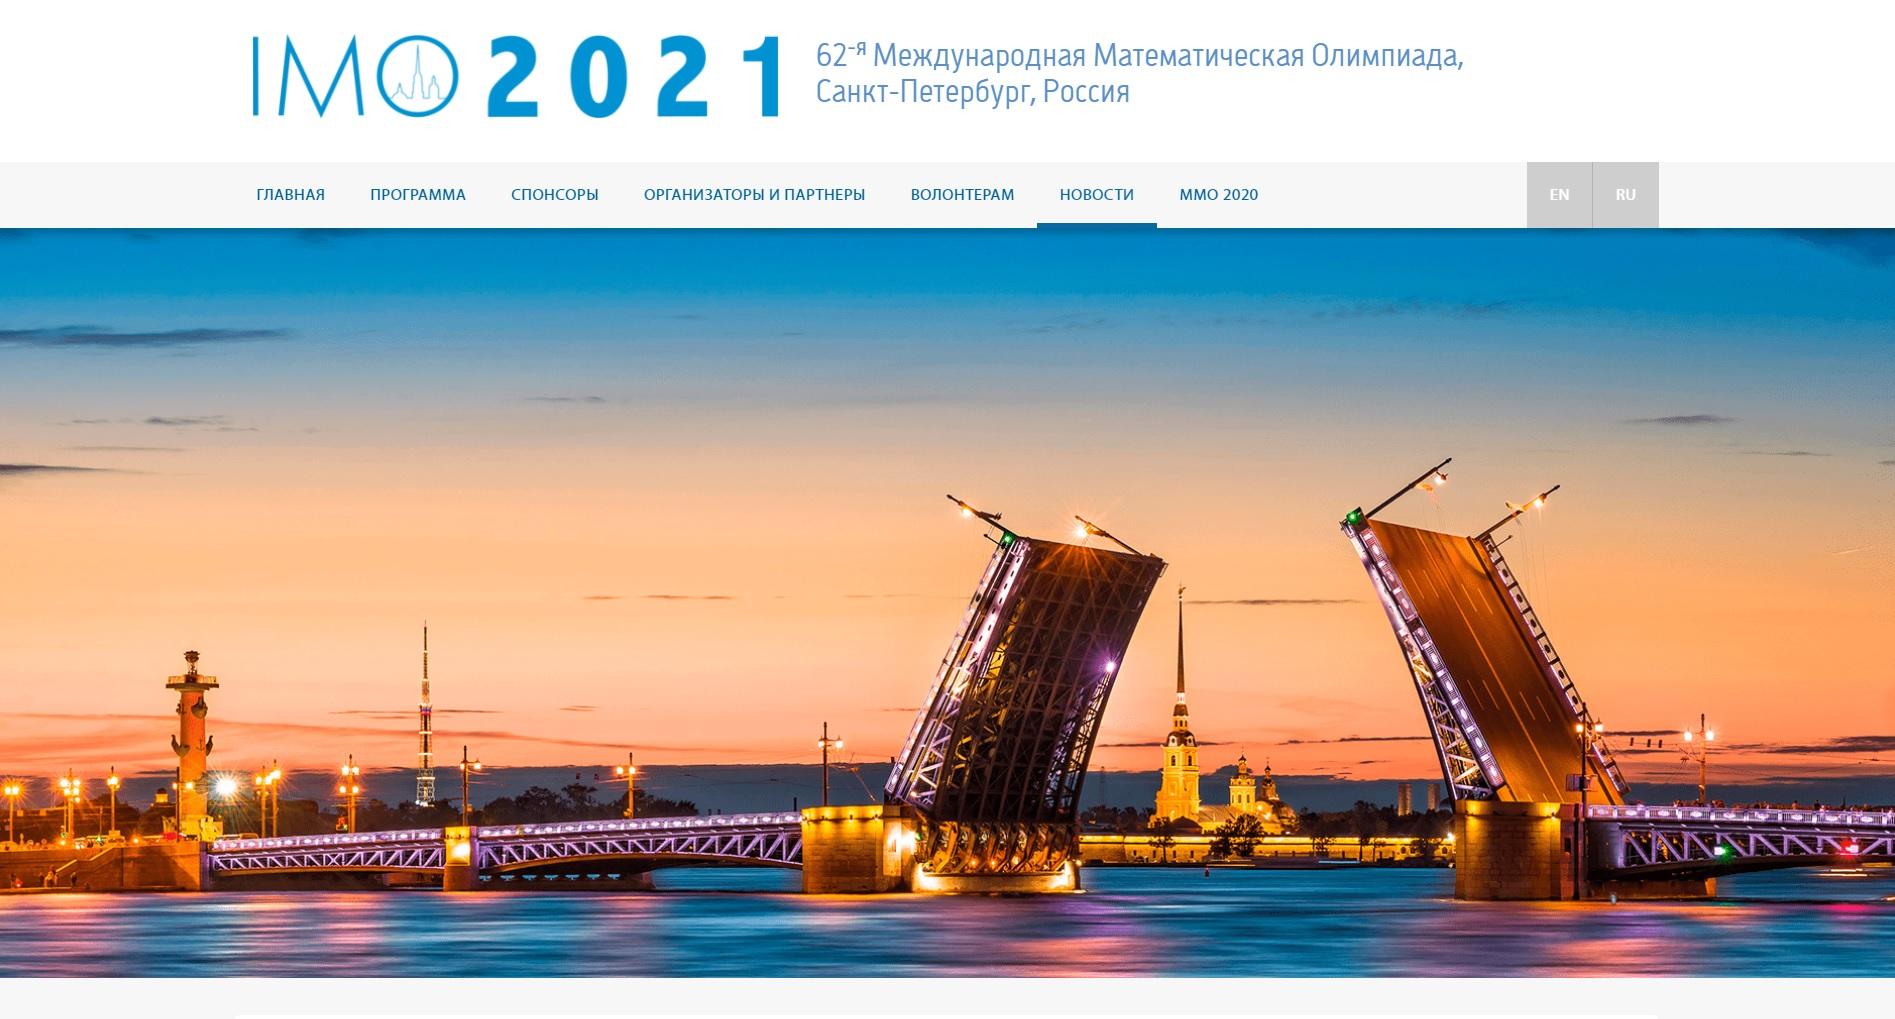 62-я Международная Математическая Олимпиада